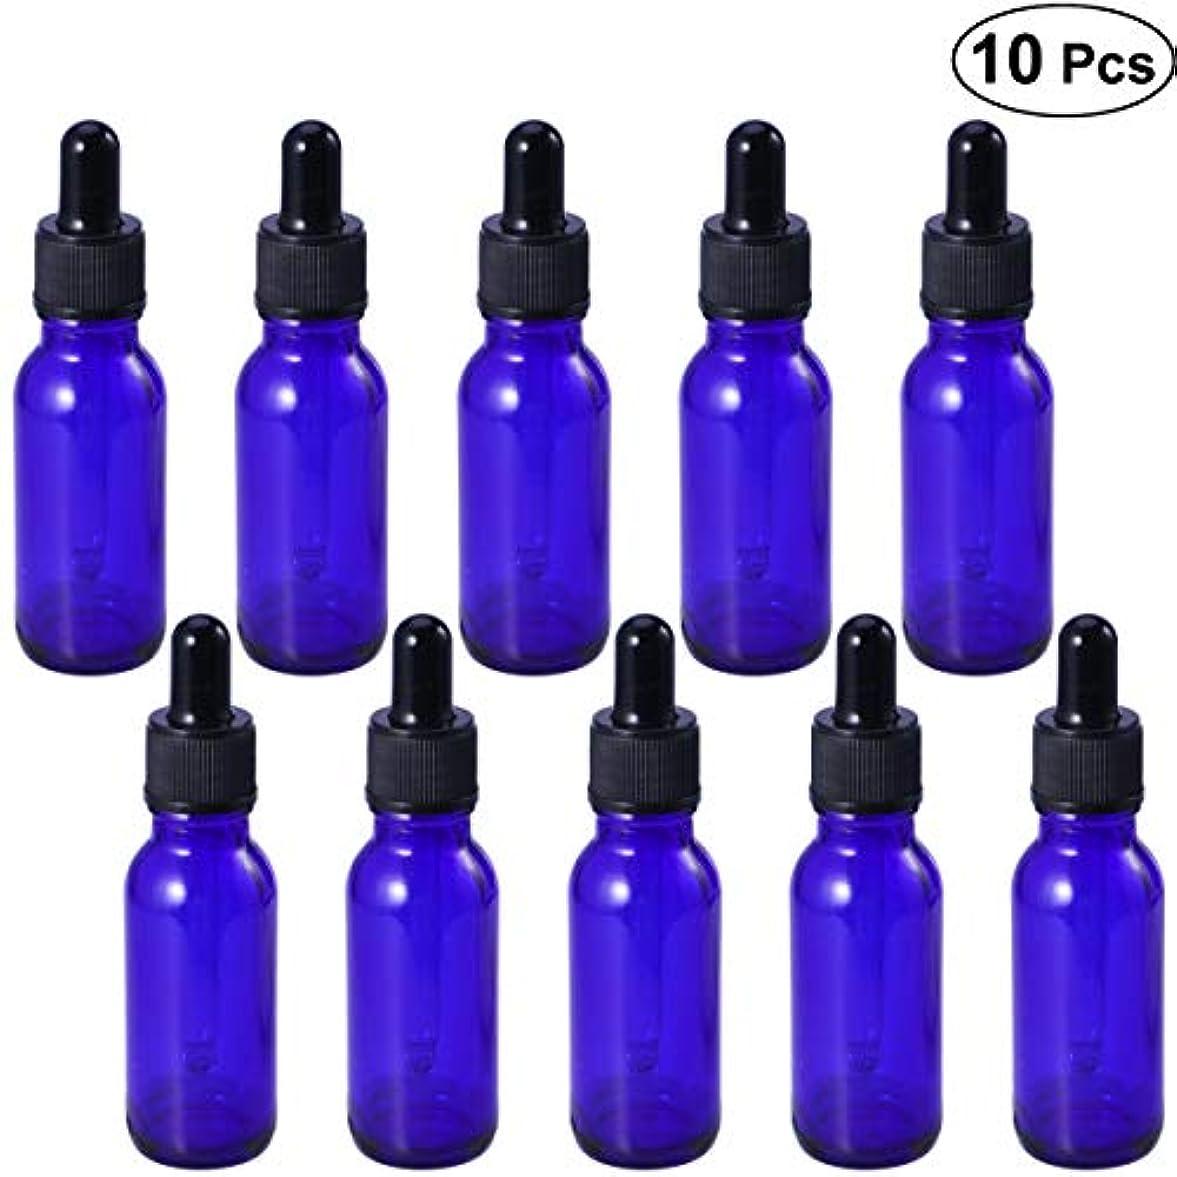 Frcolor 遮光瓶 スポイト遮光瓶 20ml 青色 スポイト付き アロマボトル 保存容器 エッセンシャルオイル 香水保存用 詰替え ガラス 10個セット